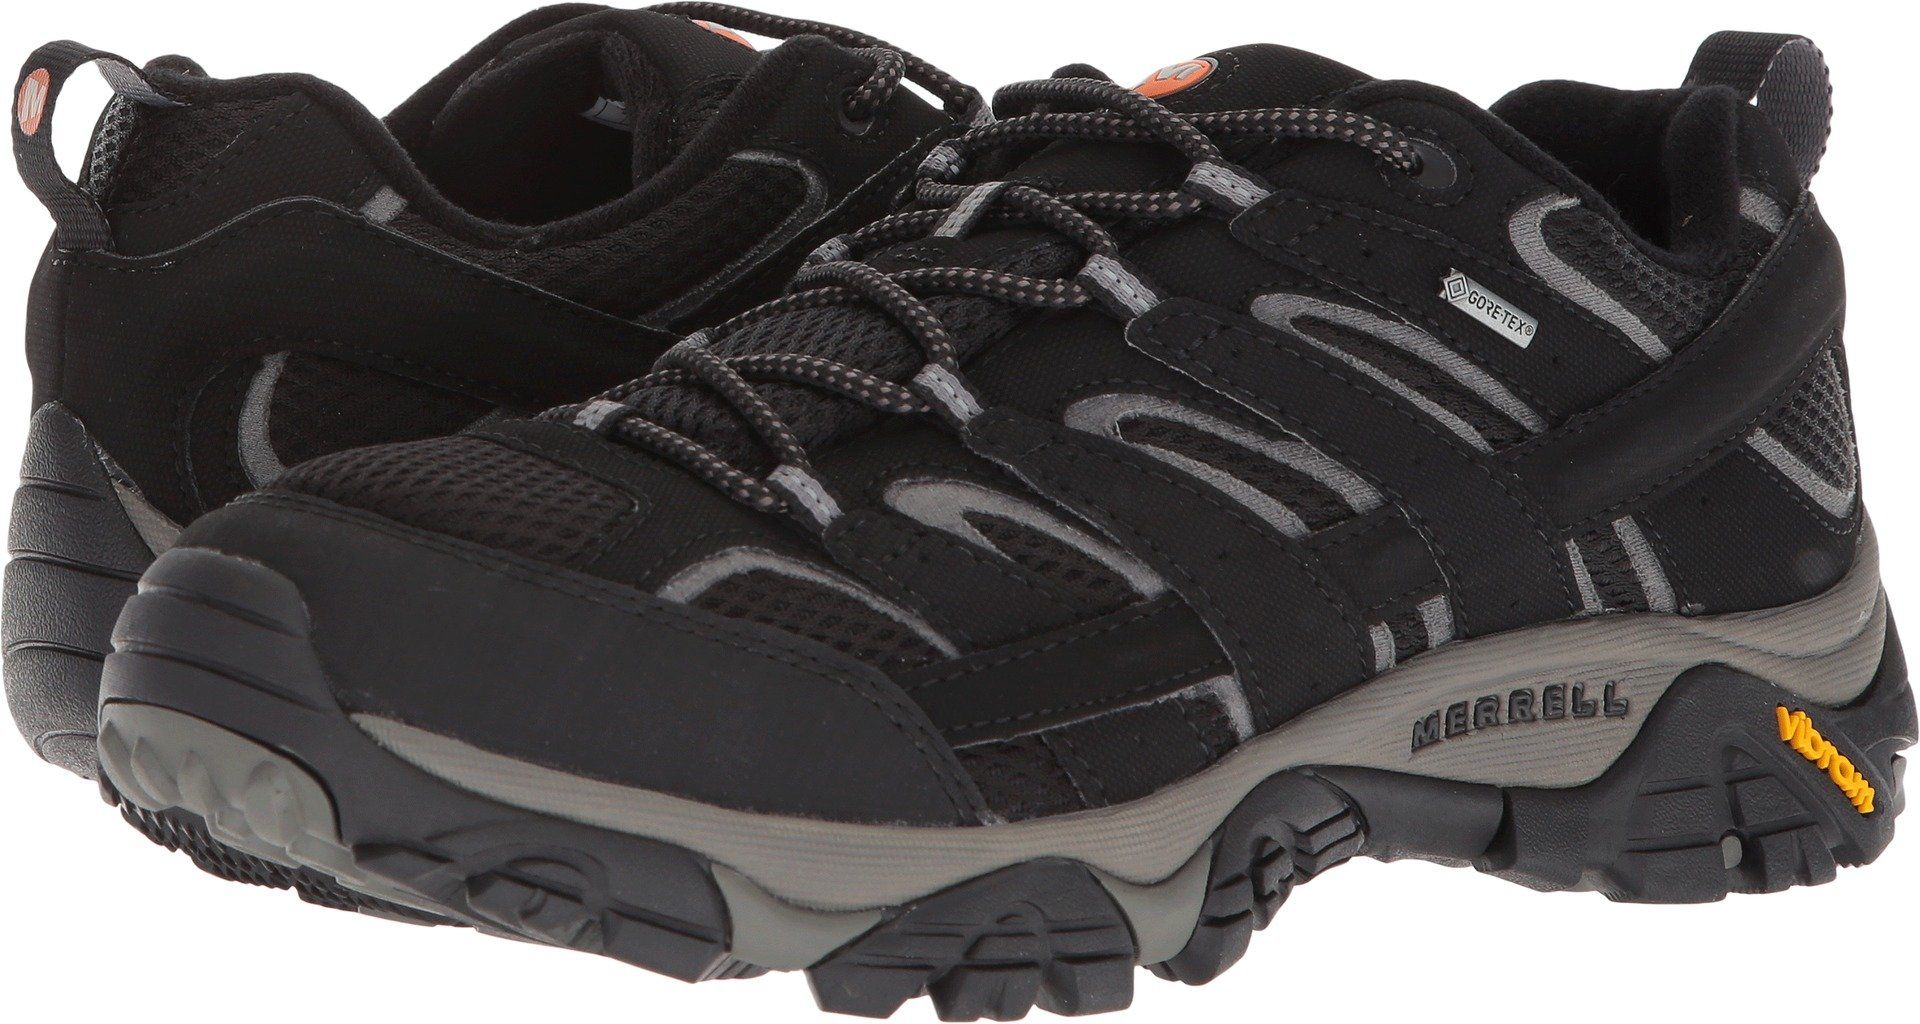 Merrell Men's Moab 2 GTX Hiking Shoe Black 11.5 D(M) US by Merrell